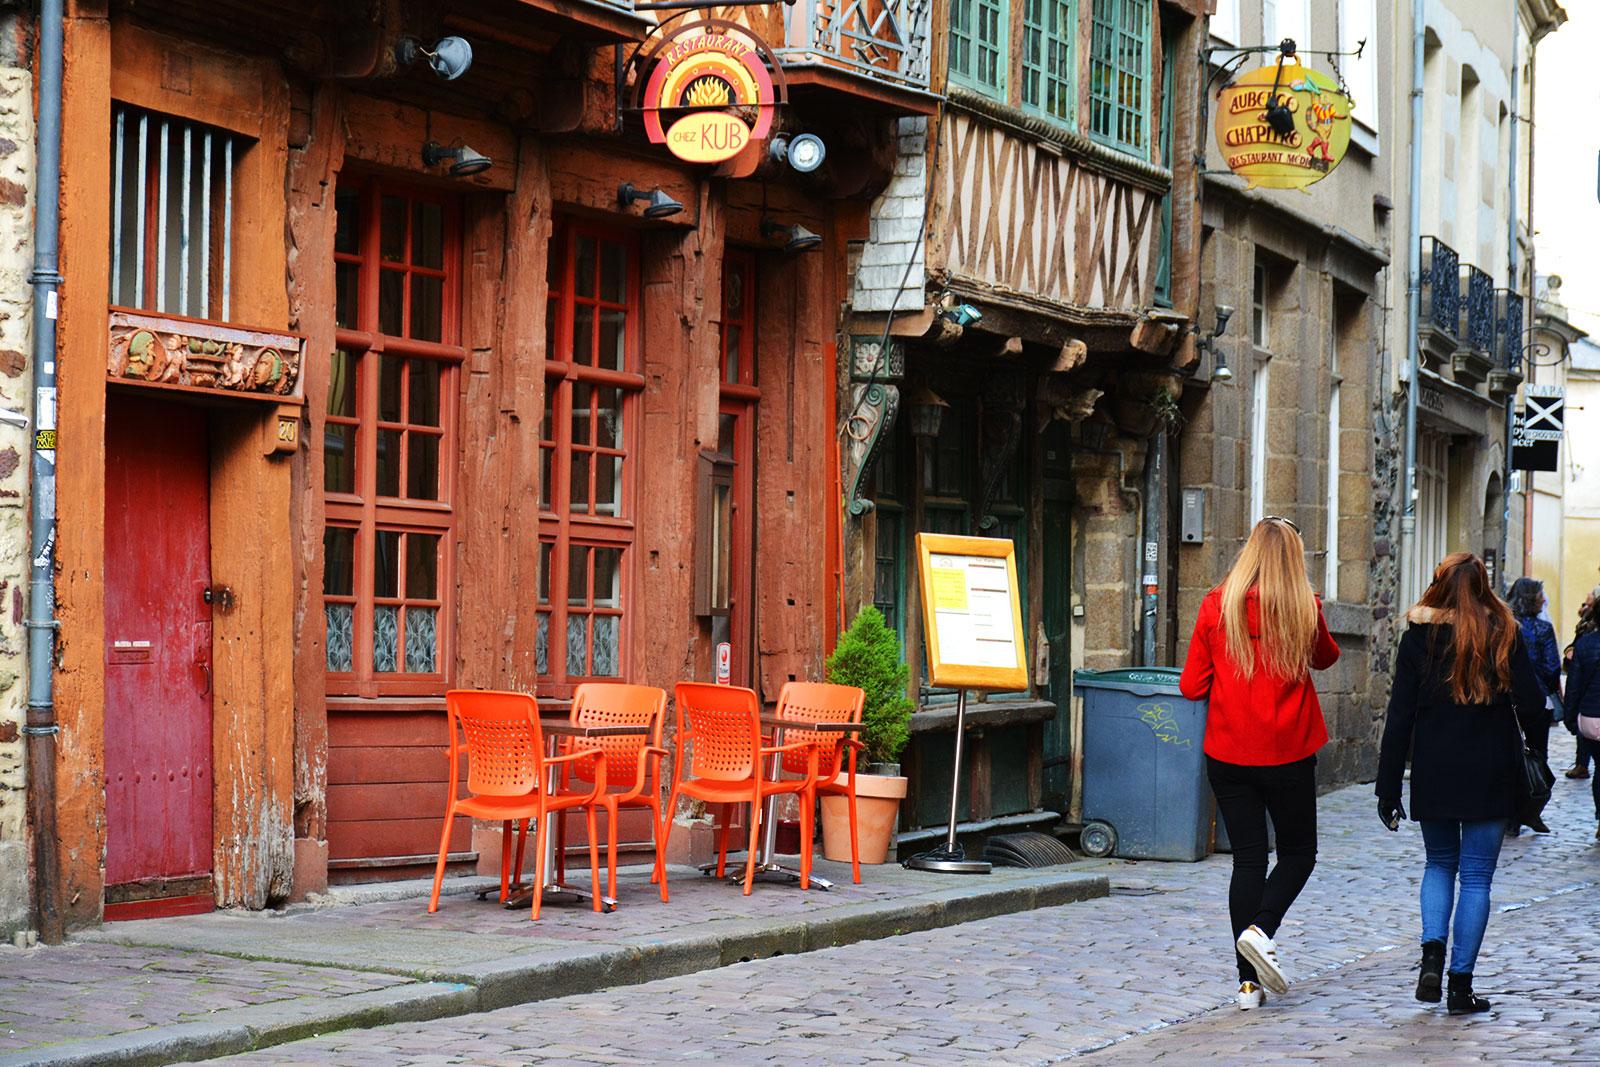 Balade dans le vieux Rennes, avec ses bars et restaurants